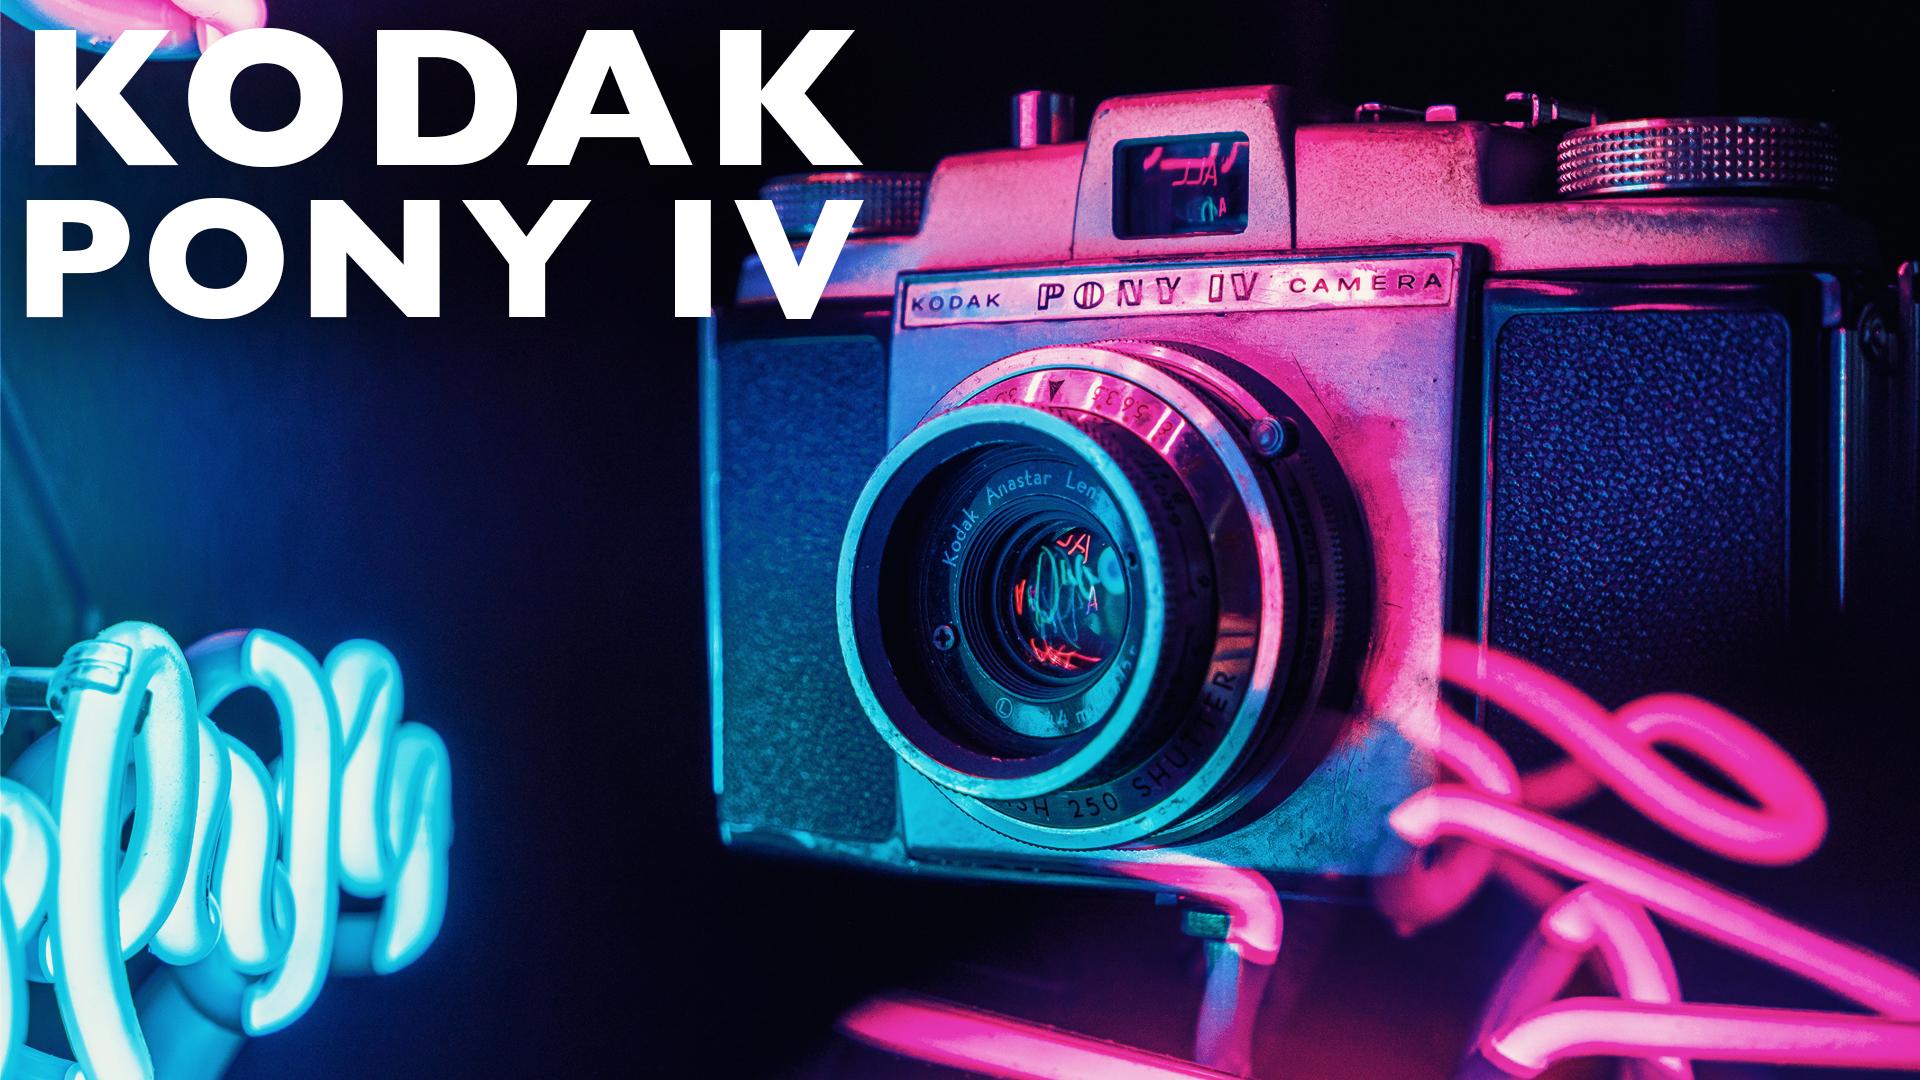 Kodak Pony IV Camera